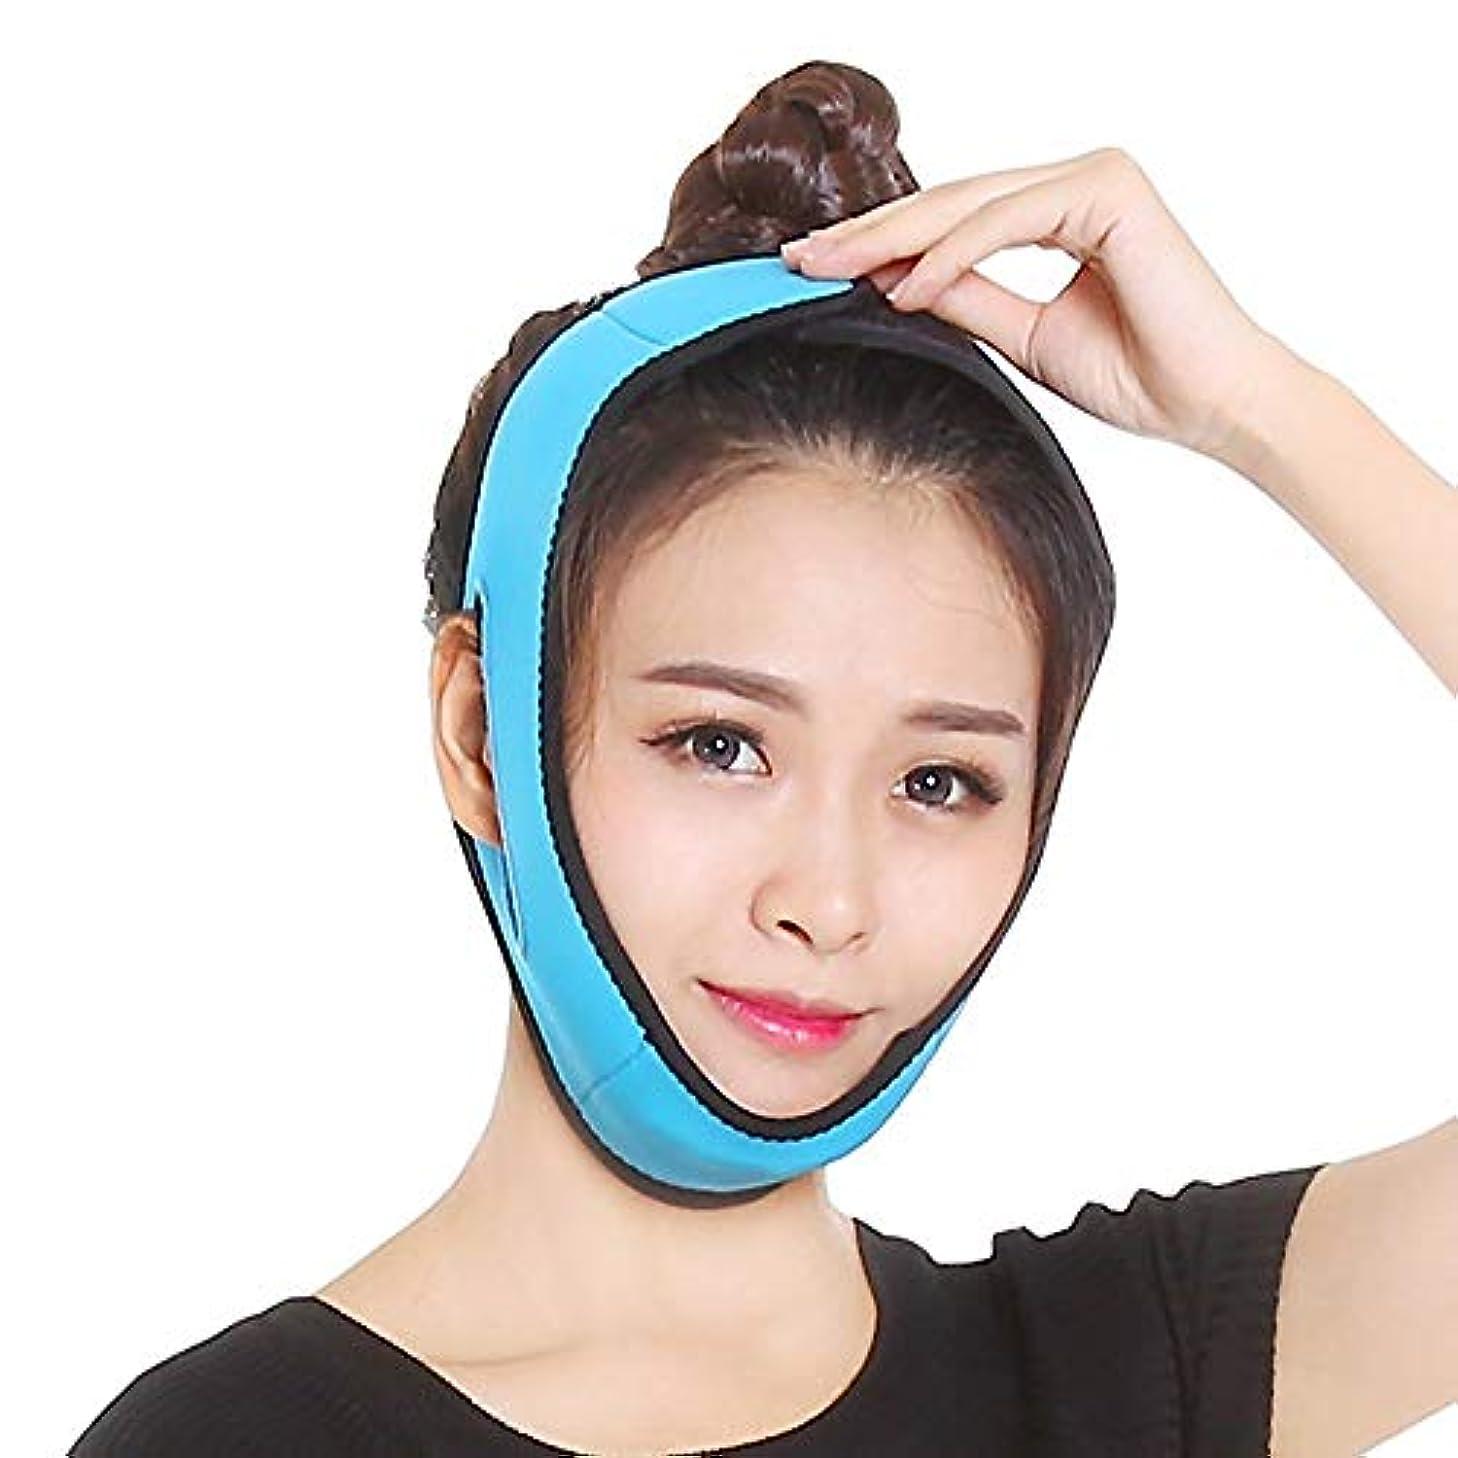 パッケージはしご刺激するフェイスリフトベルト 薄い顔のベルト - 薄い顔のツール薄い顔のベルト通気性のラテックスのマッサージV型の顔のアーティファクトの顔の薄いマスク